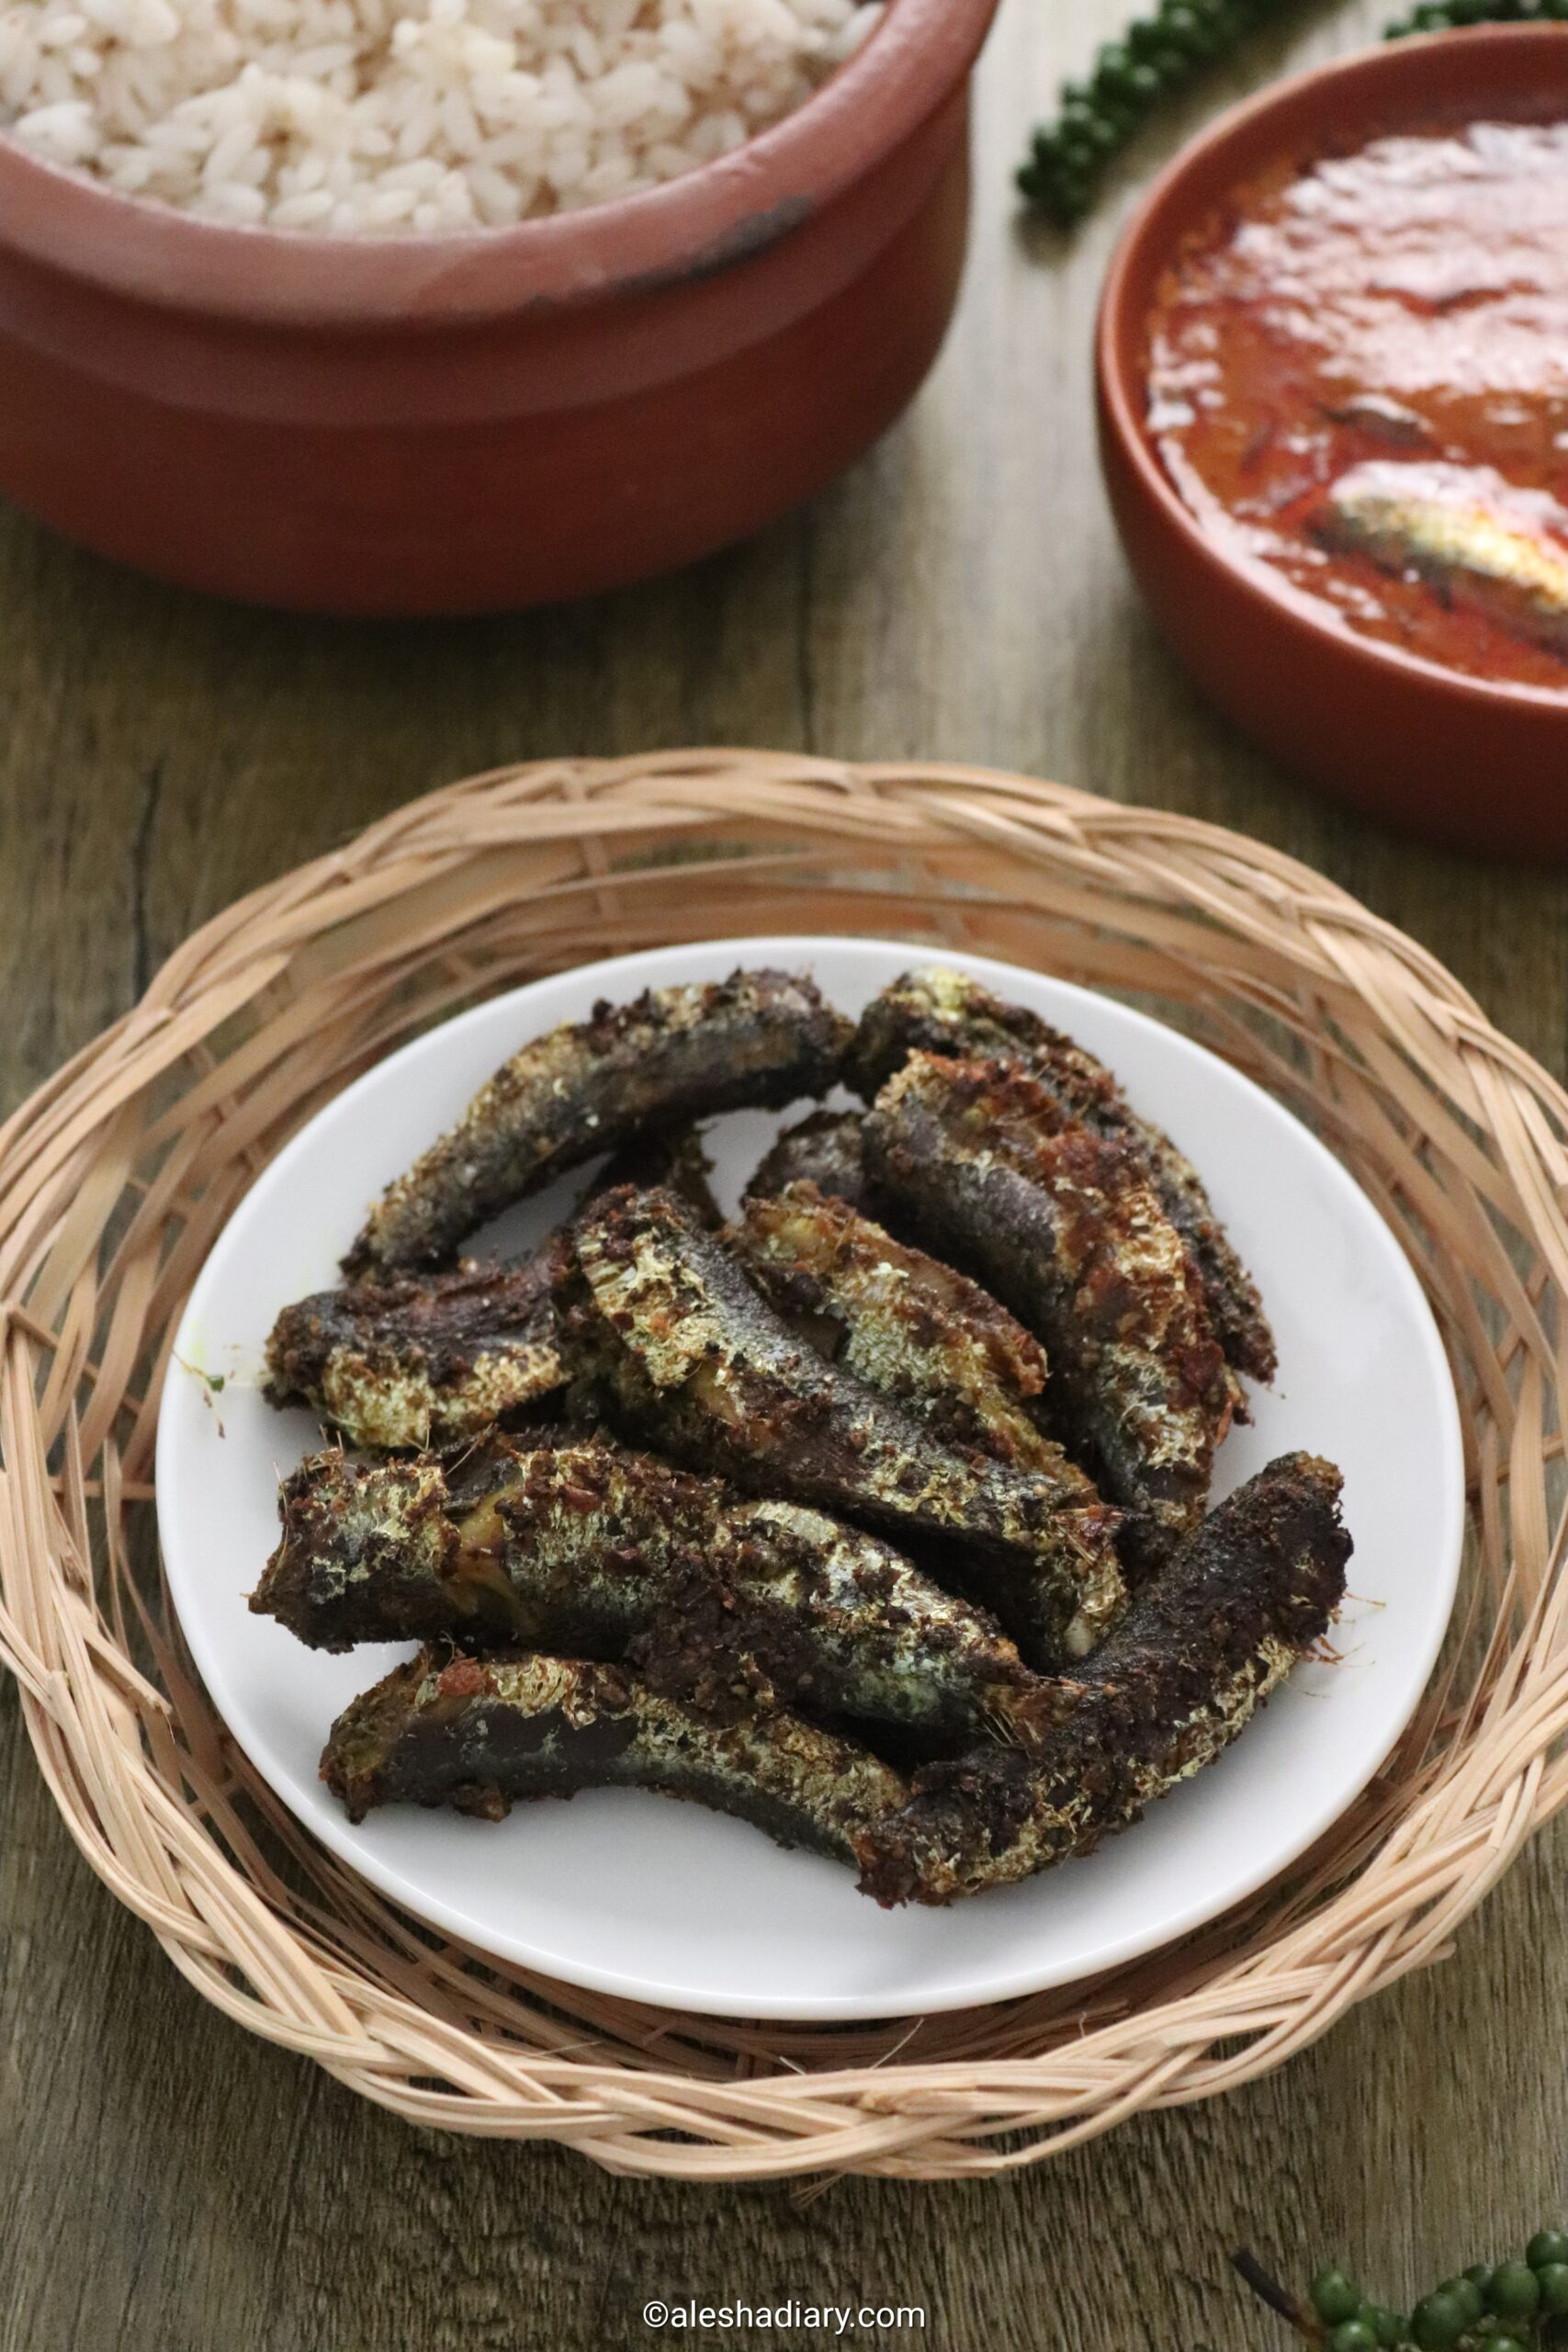 Mathi pacha kurumulaku fry – Green peppercorns sardine fish fry – Chaala pacha kurumulaku fry